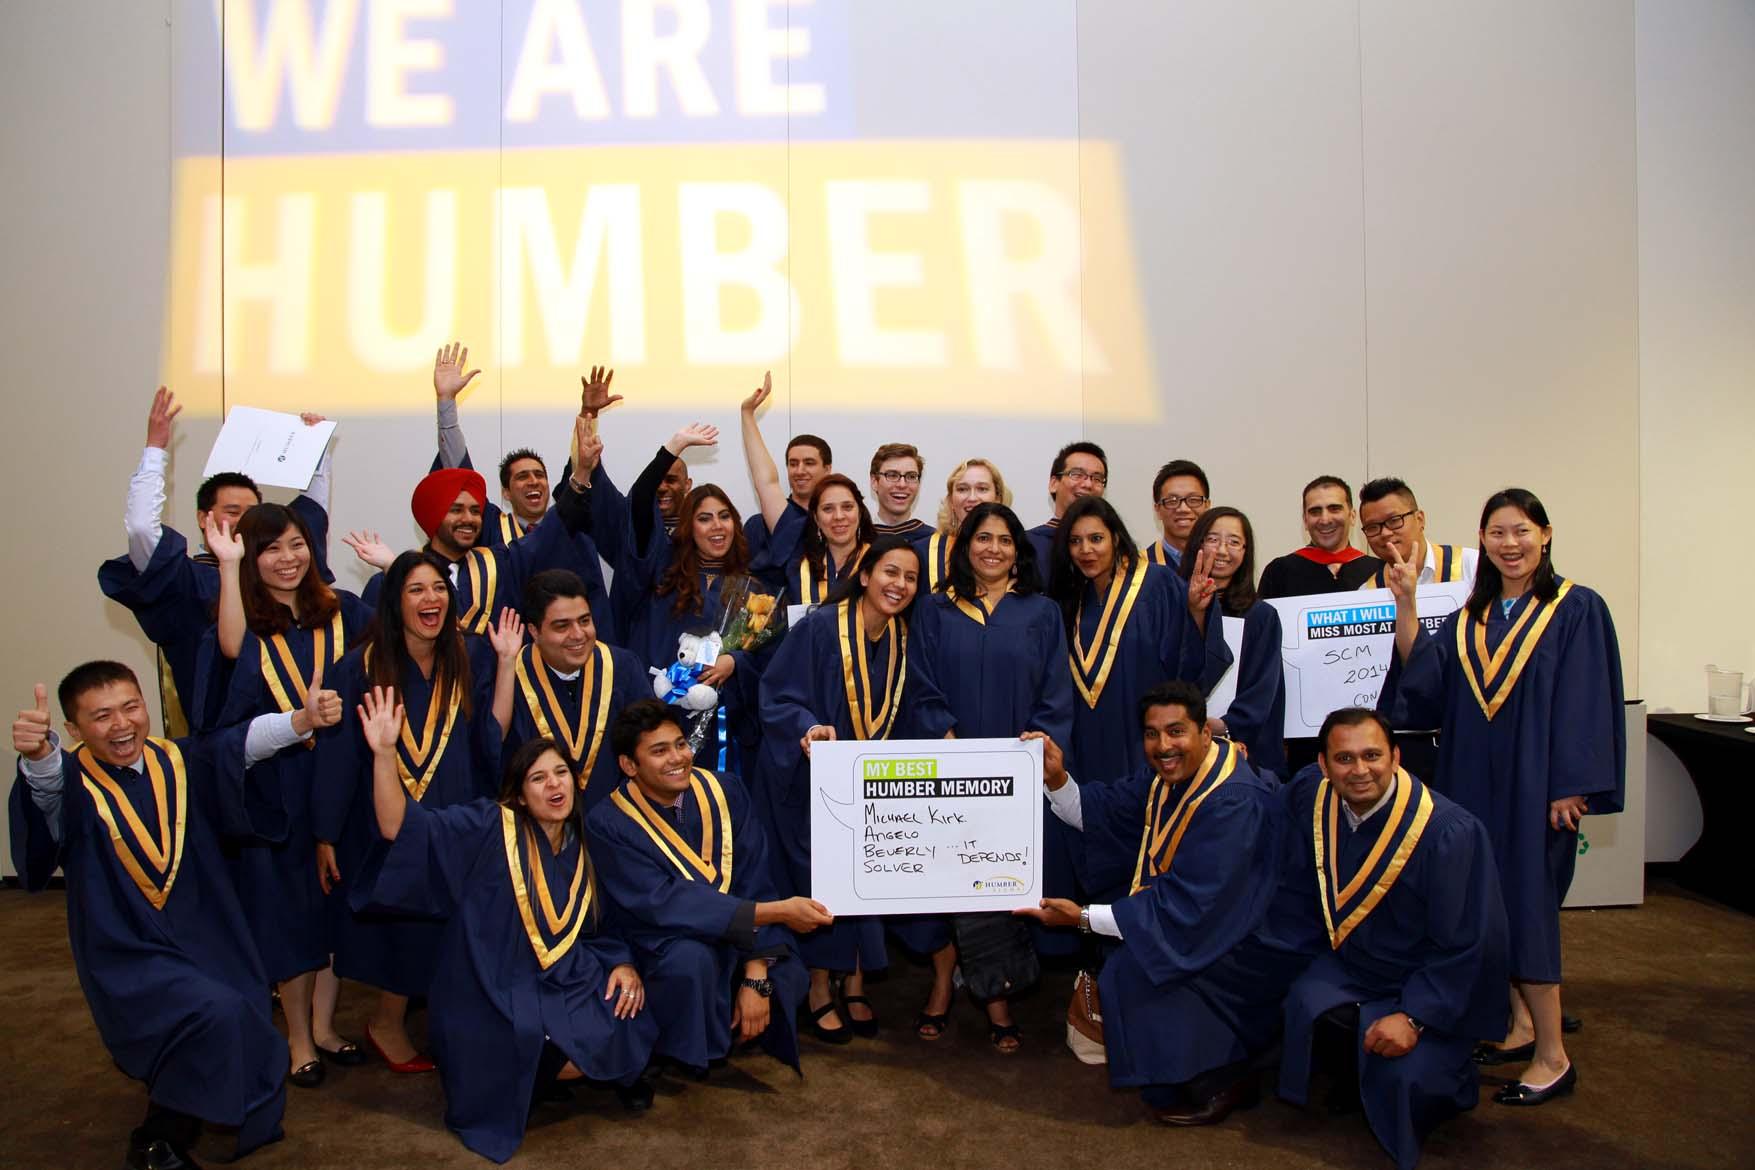 Sinh viên tốt nghiệp từ Humber College được các nhà tuyển dụng đánh giá cao.